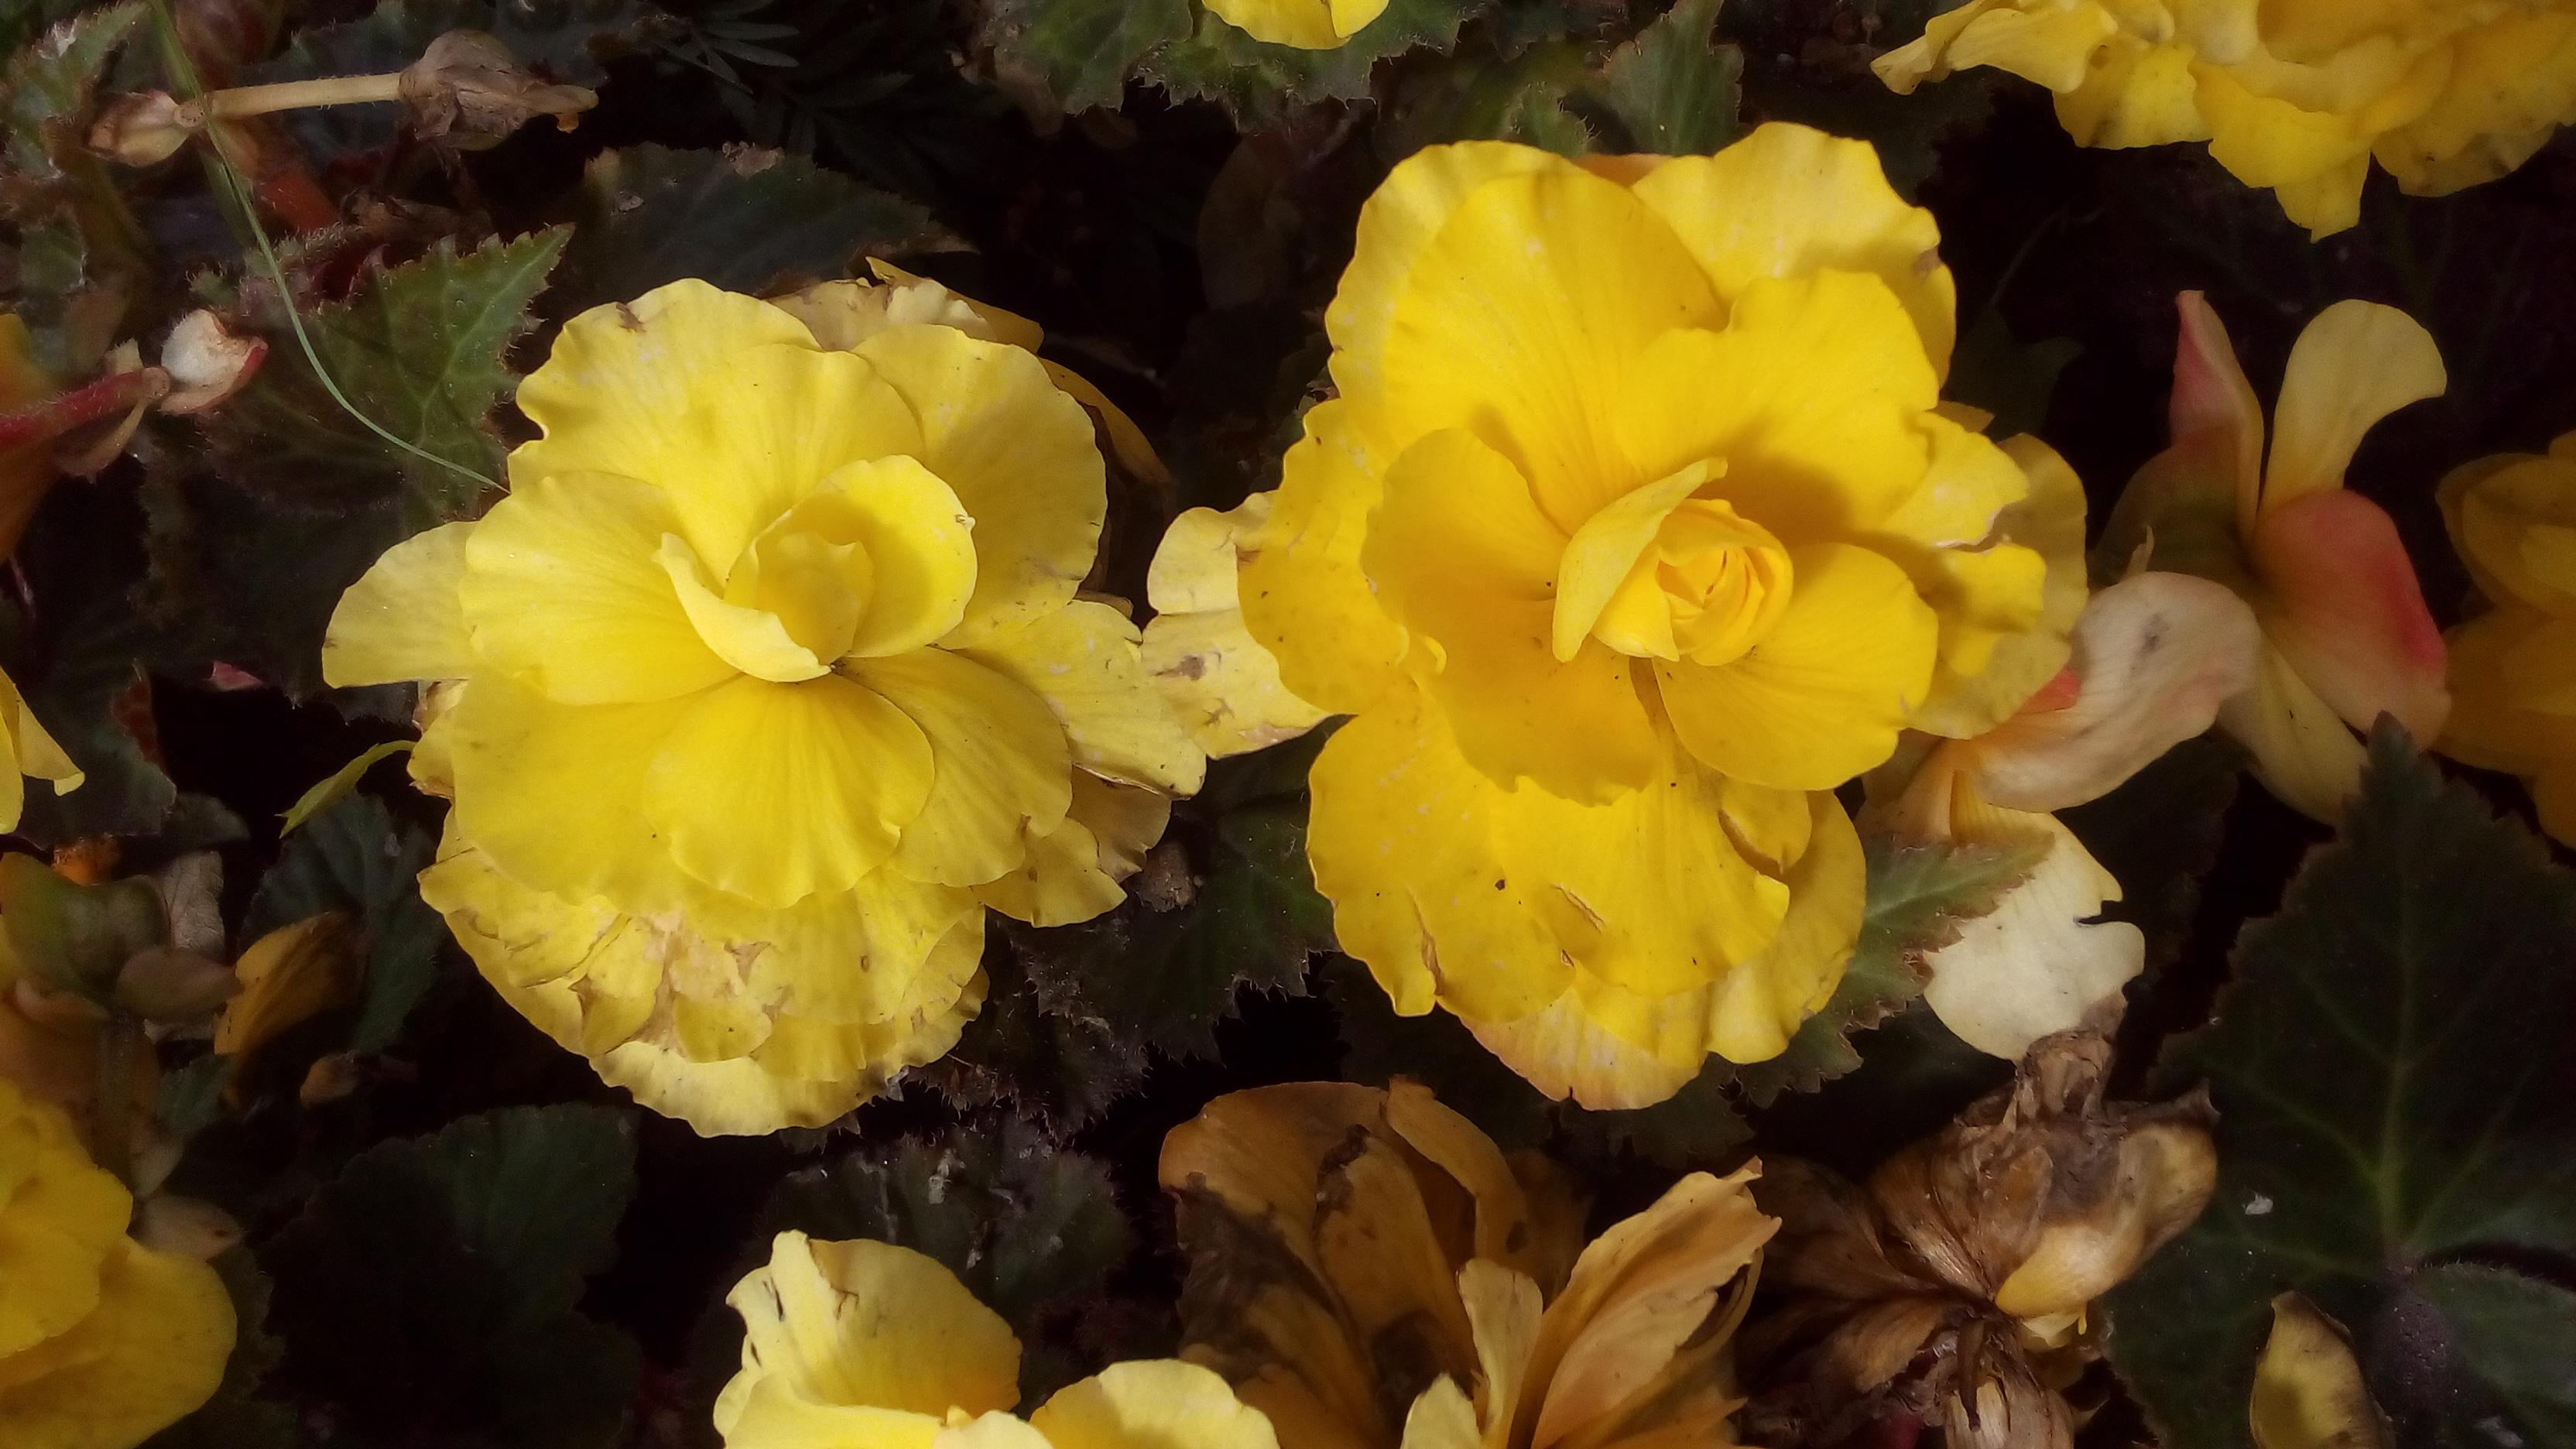 Милота. Блиц: желтые цветы